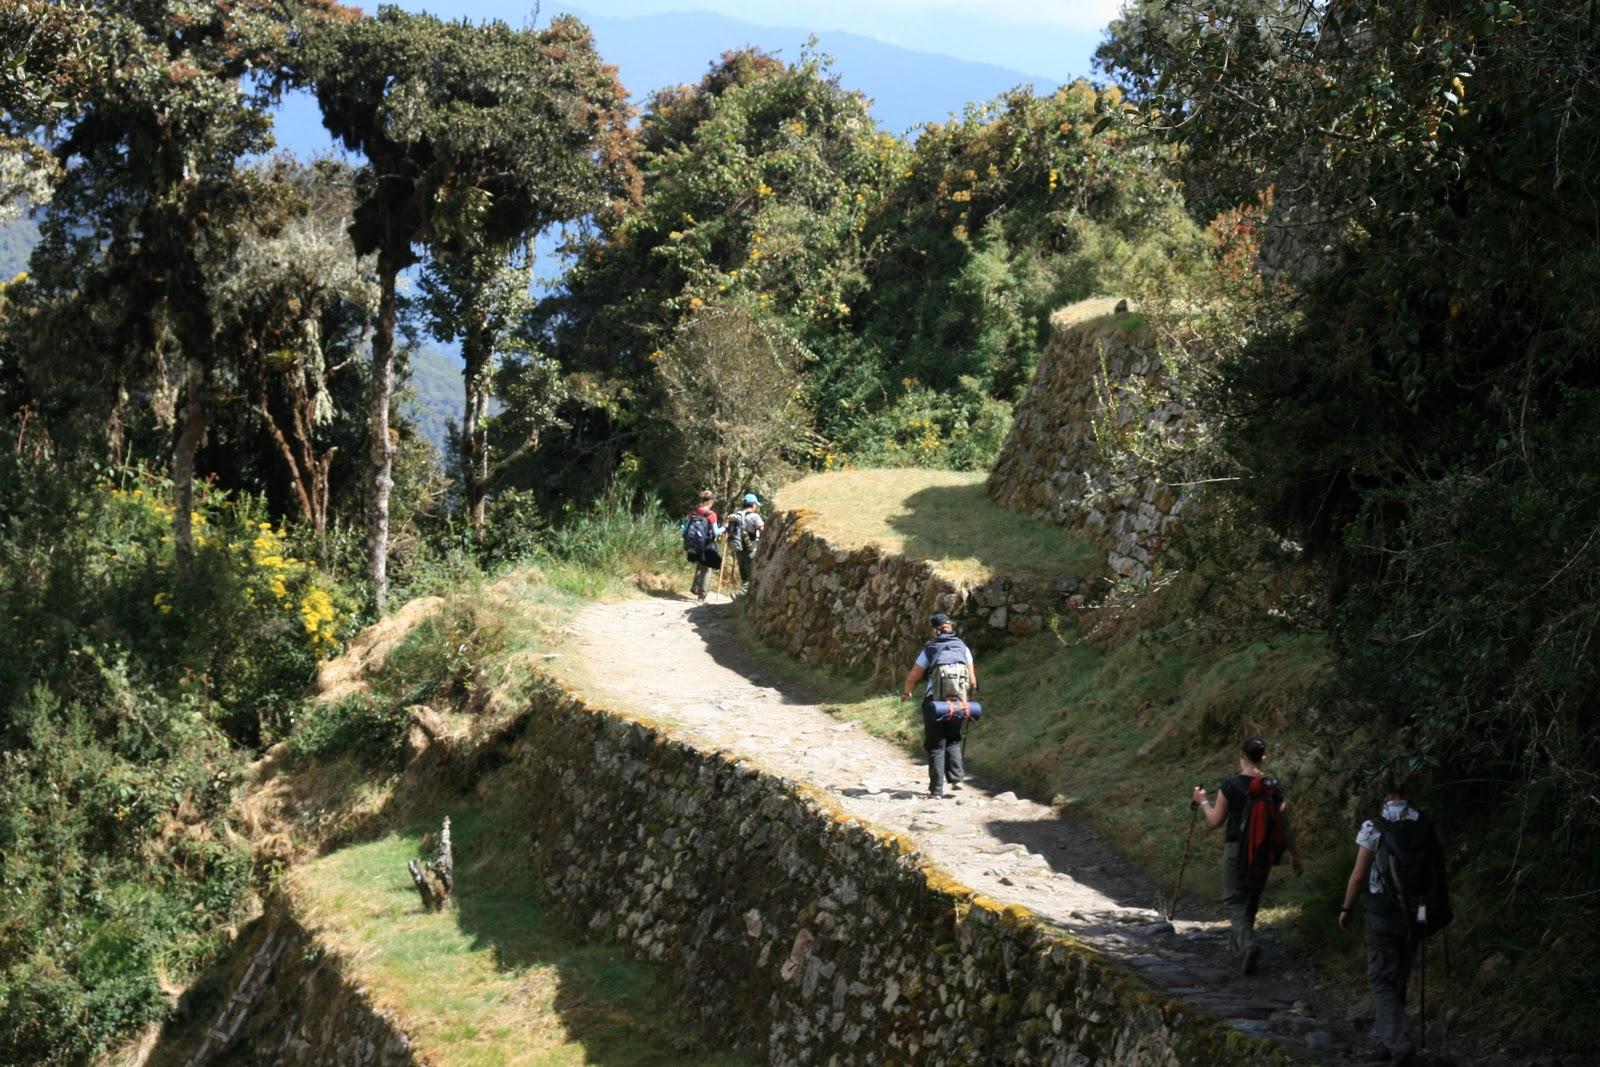 The Inca Trail To Machu Picchu The Qhapaq Nan Or Inca Trail